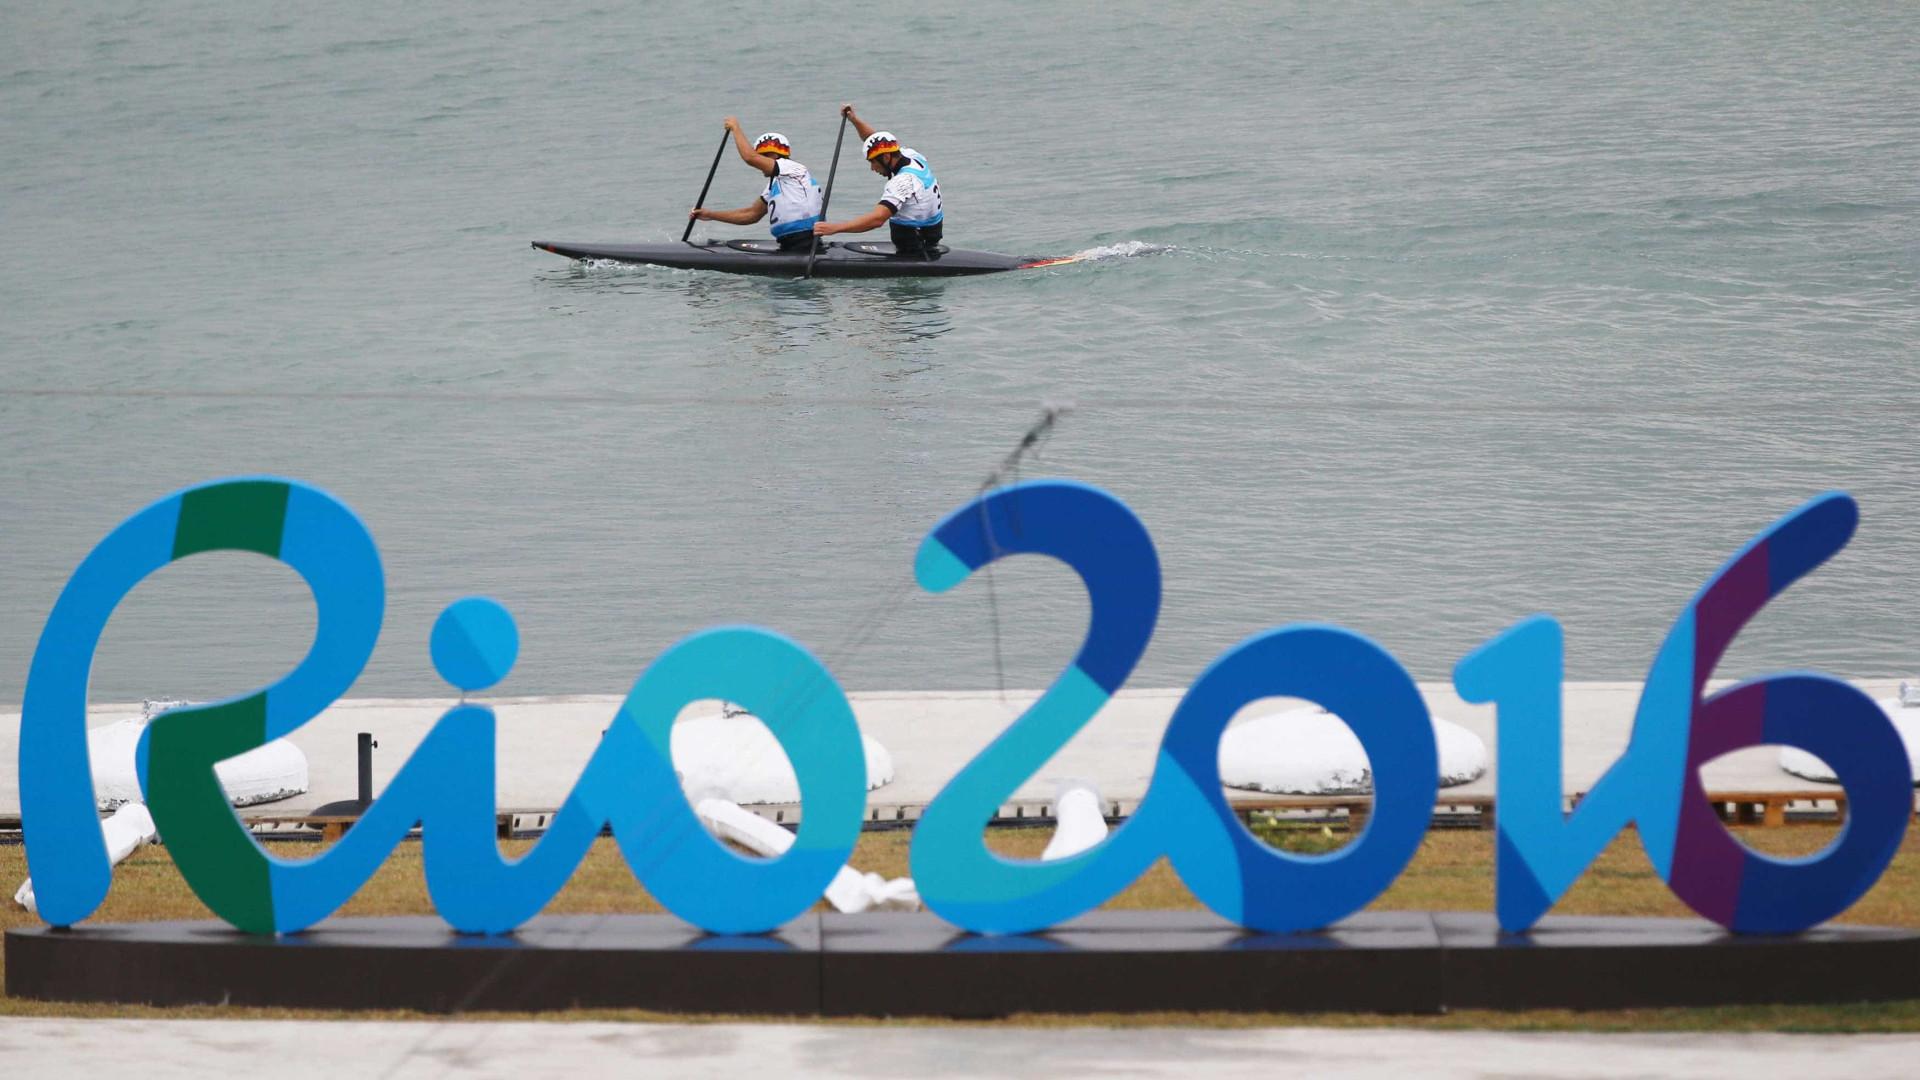 Governo tem dificuldade em conseguir os  R$ 250 mi pedidos pela Rio-2016